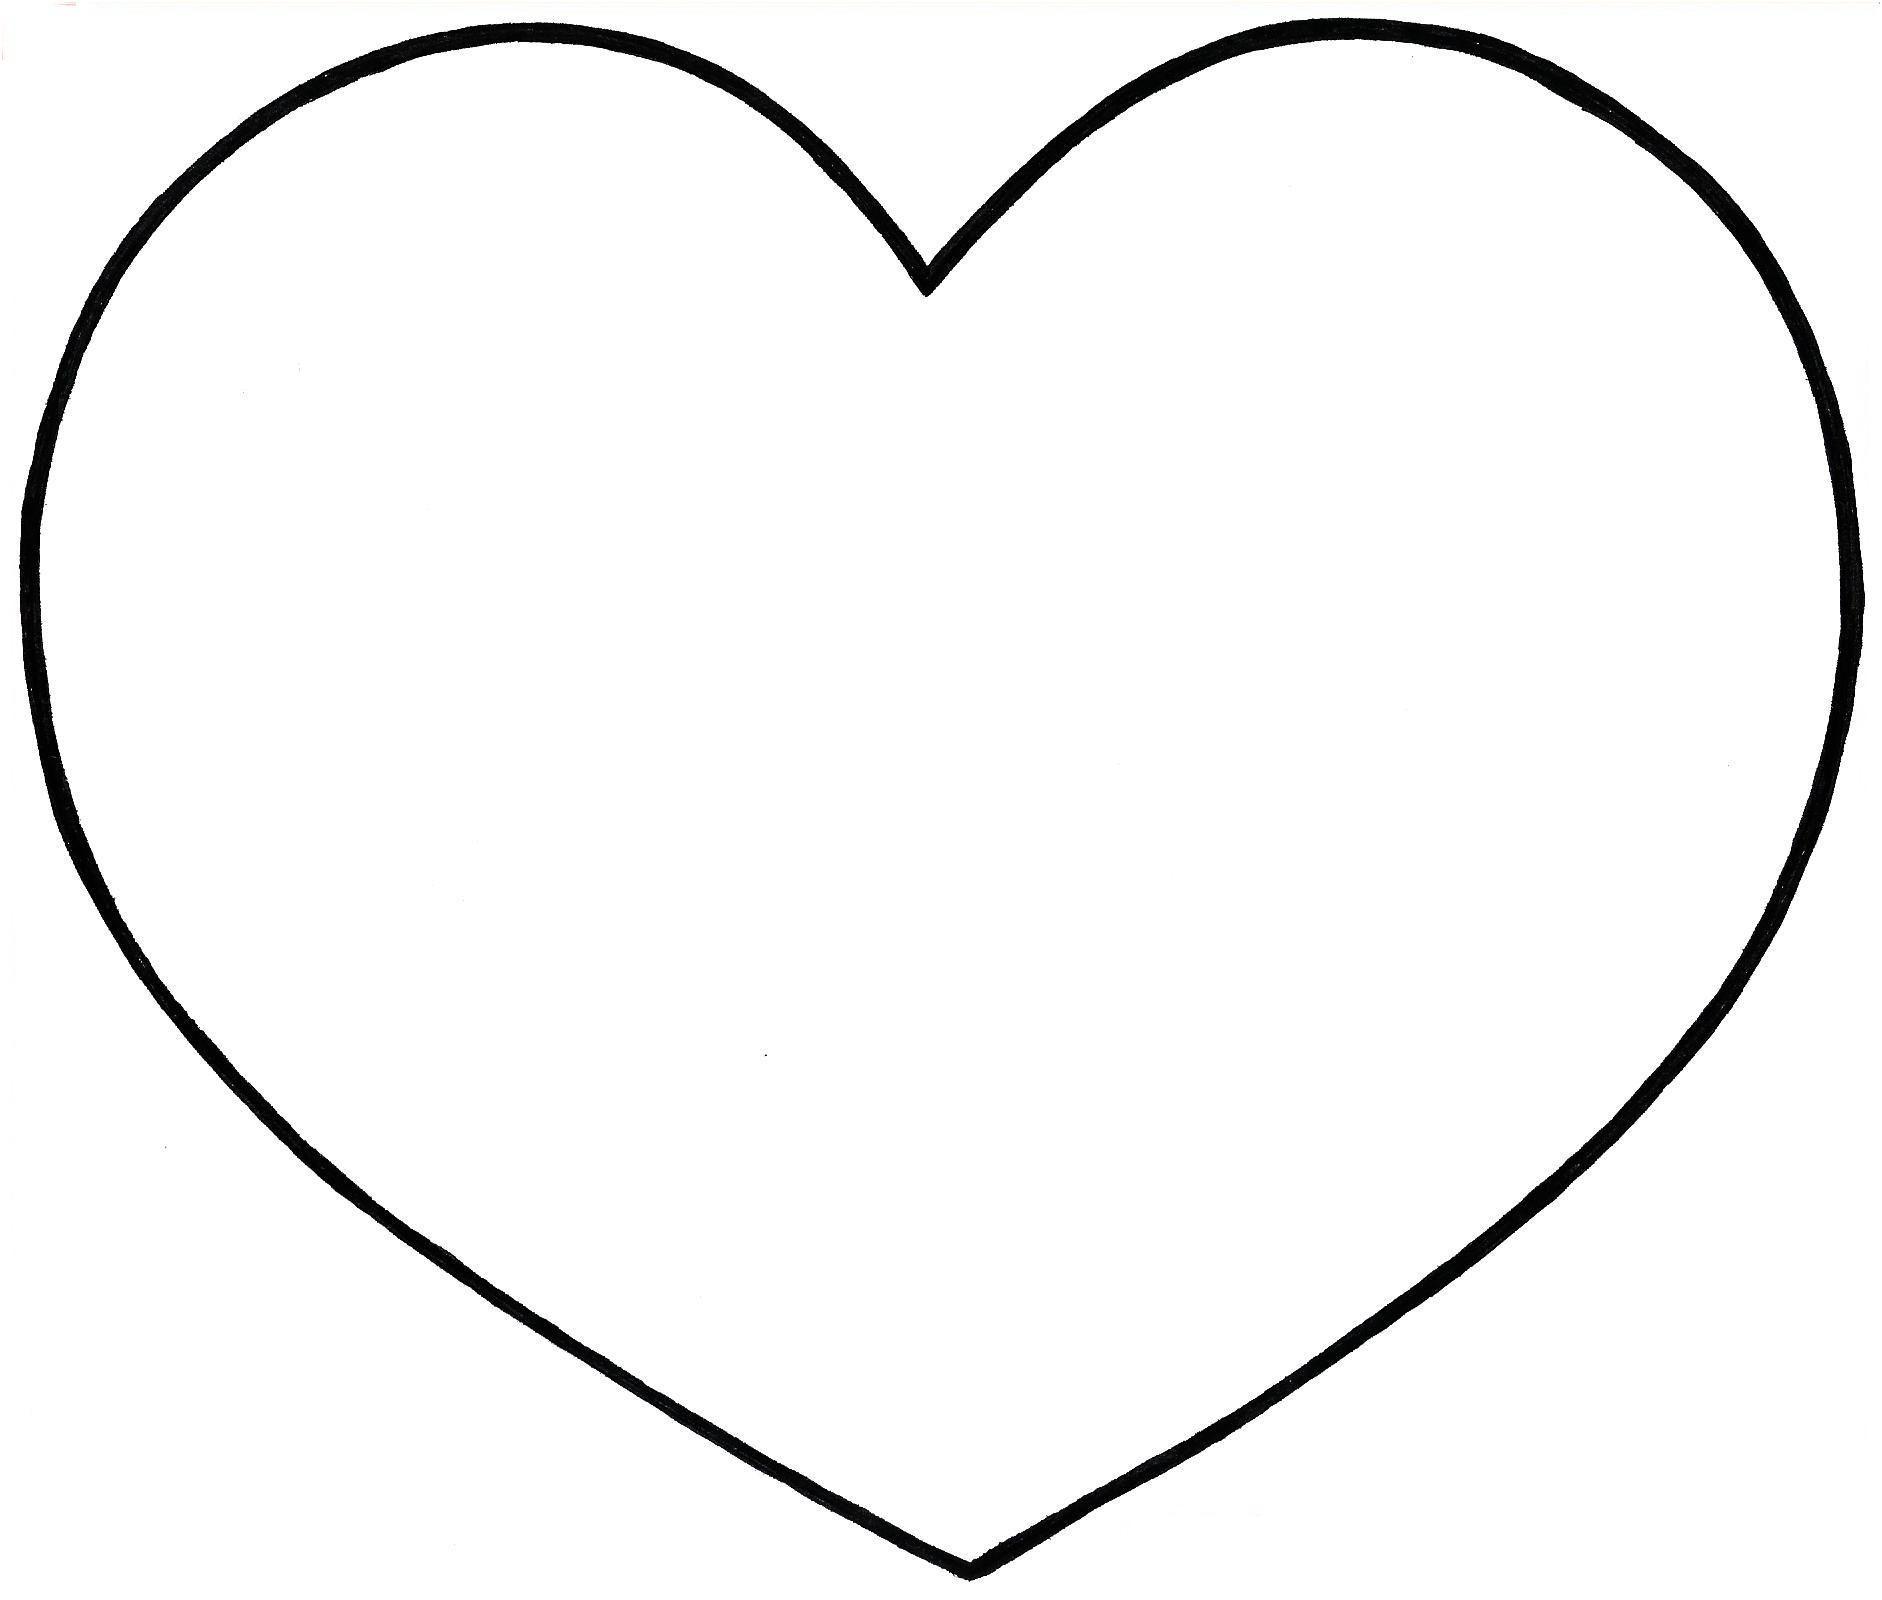 15 Adorable Modele De Coeur A Decouper Gallery Coloriage Coeur Dessin De Coeur Coeur A Colorier